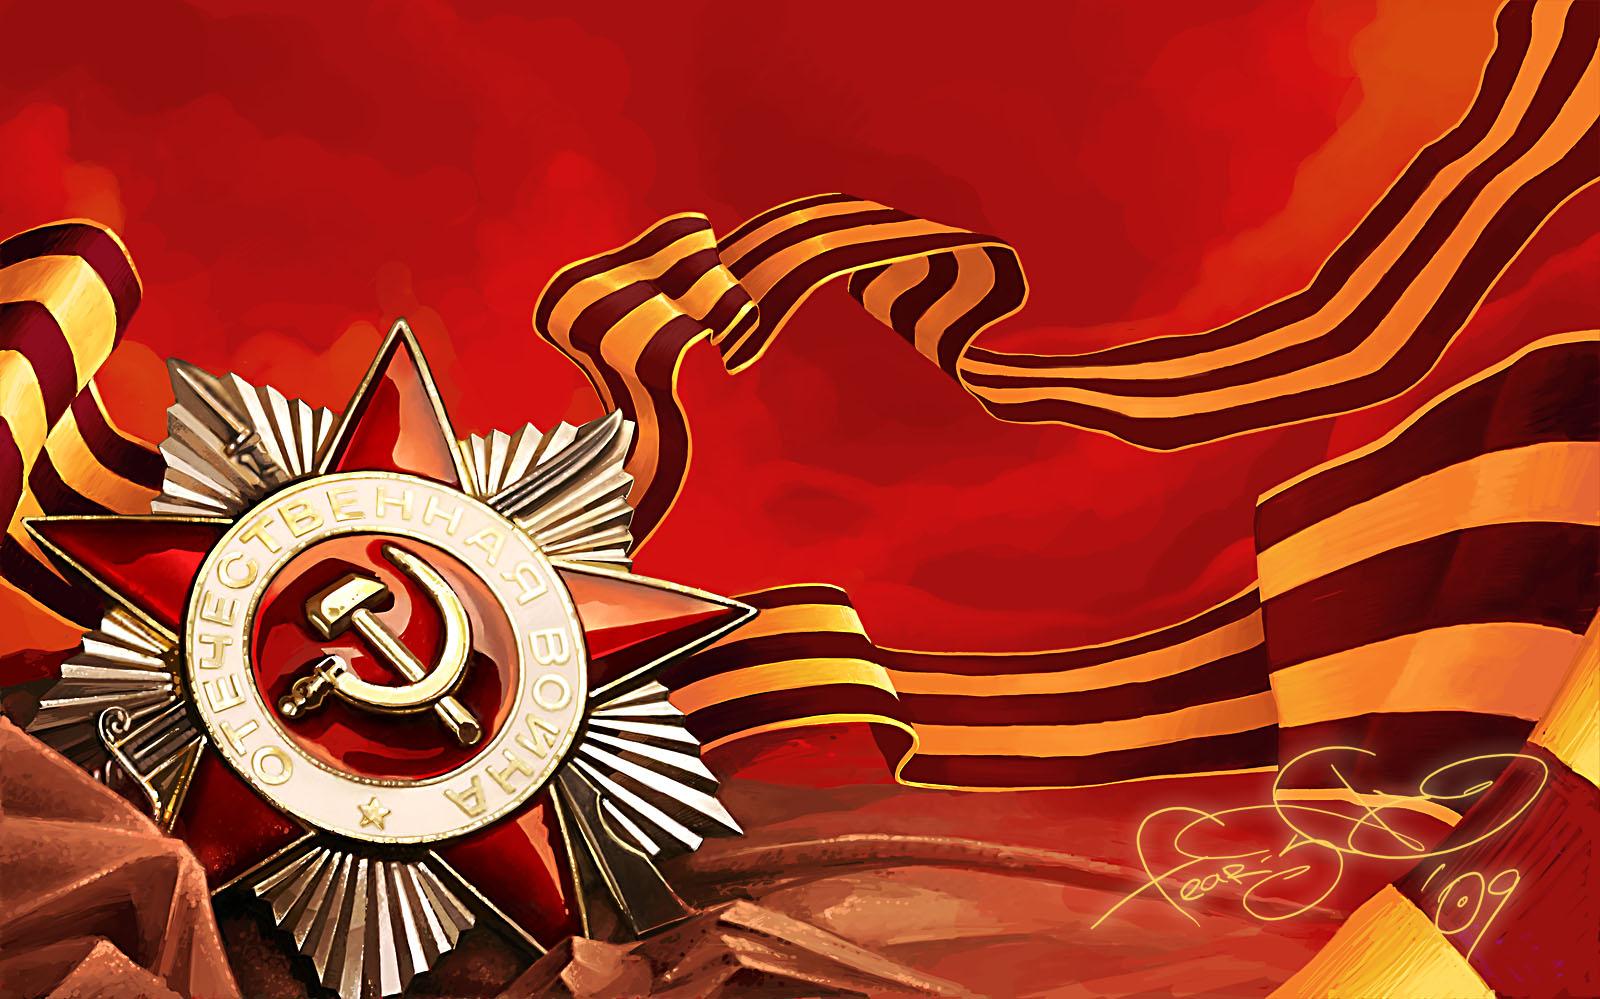 9 мая весь день на телеканале «Победа» прямая трансляция из центра Москвы